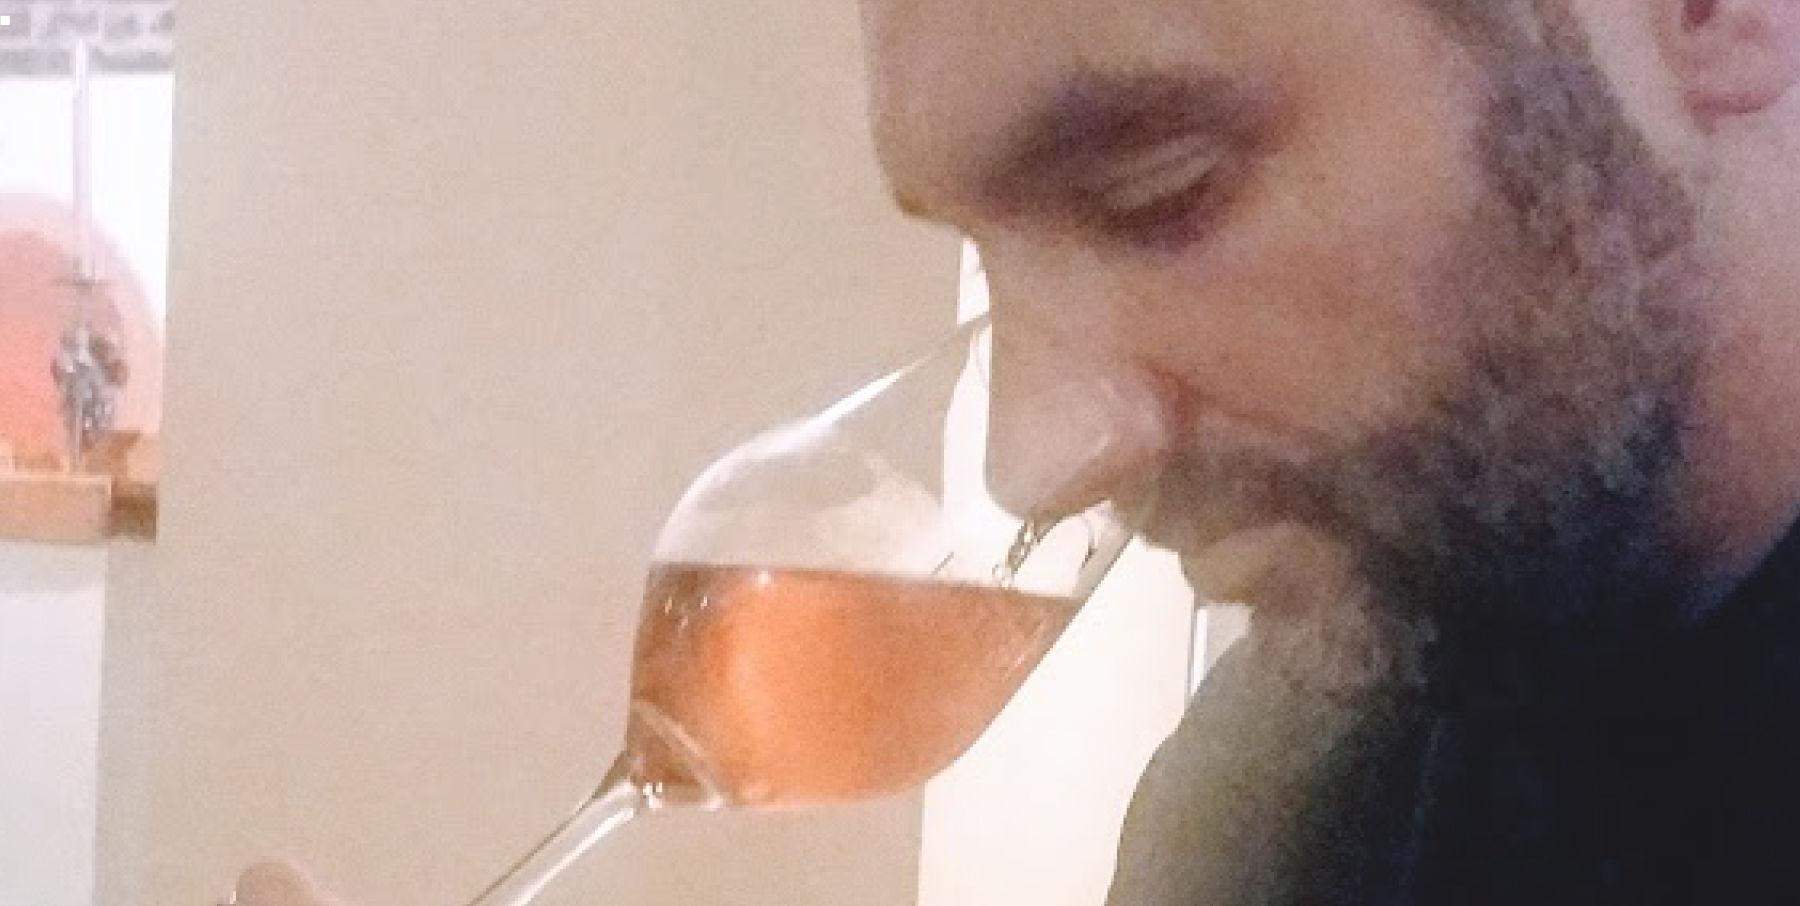 fornitori di vini ristoranti